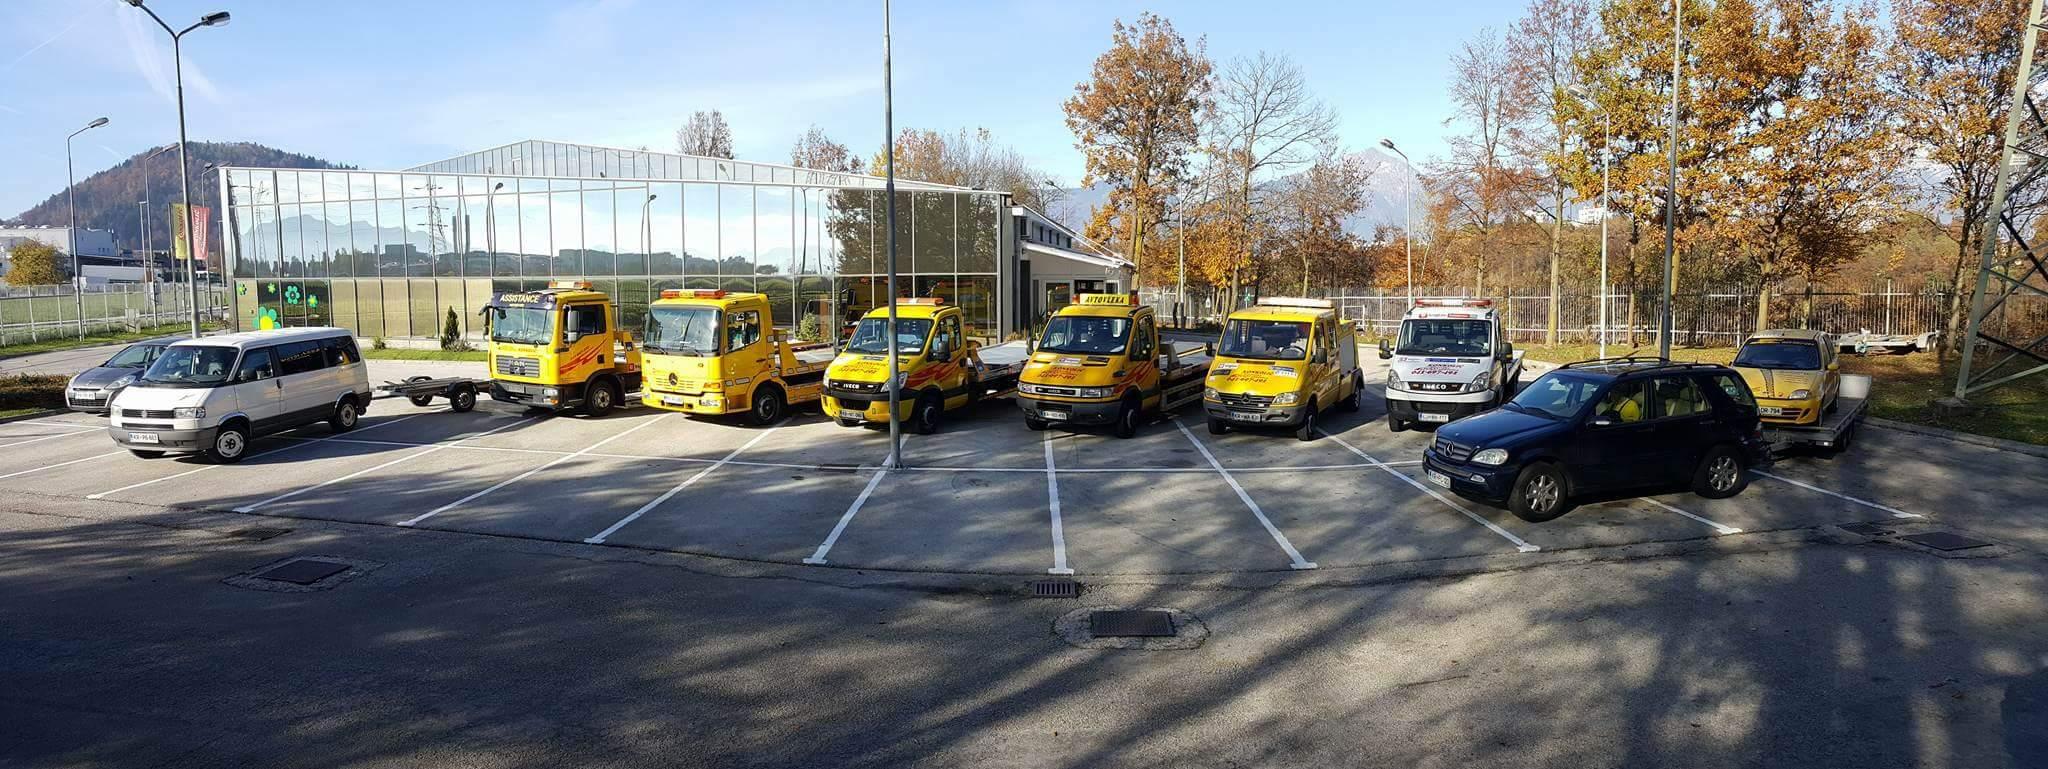 Avtovleka Kranj - Avtoasistenca Konkolič Kranj, Towing Service Kranj, Abschleppdienst Kranj received_10206014331872494